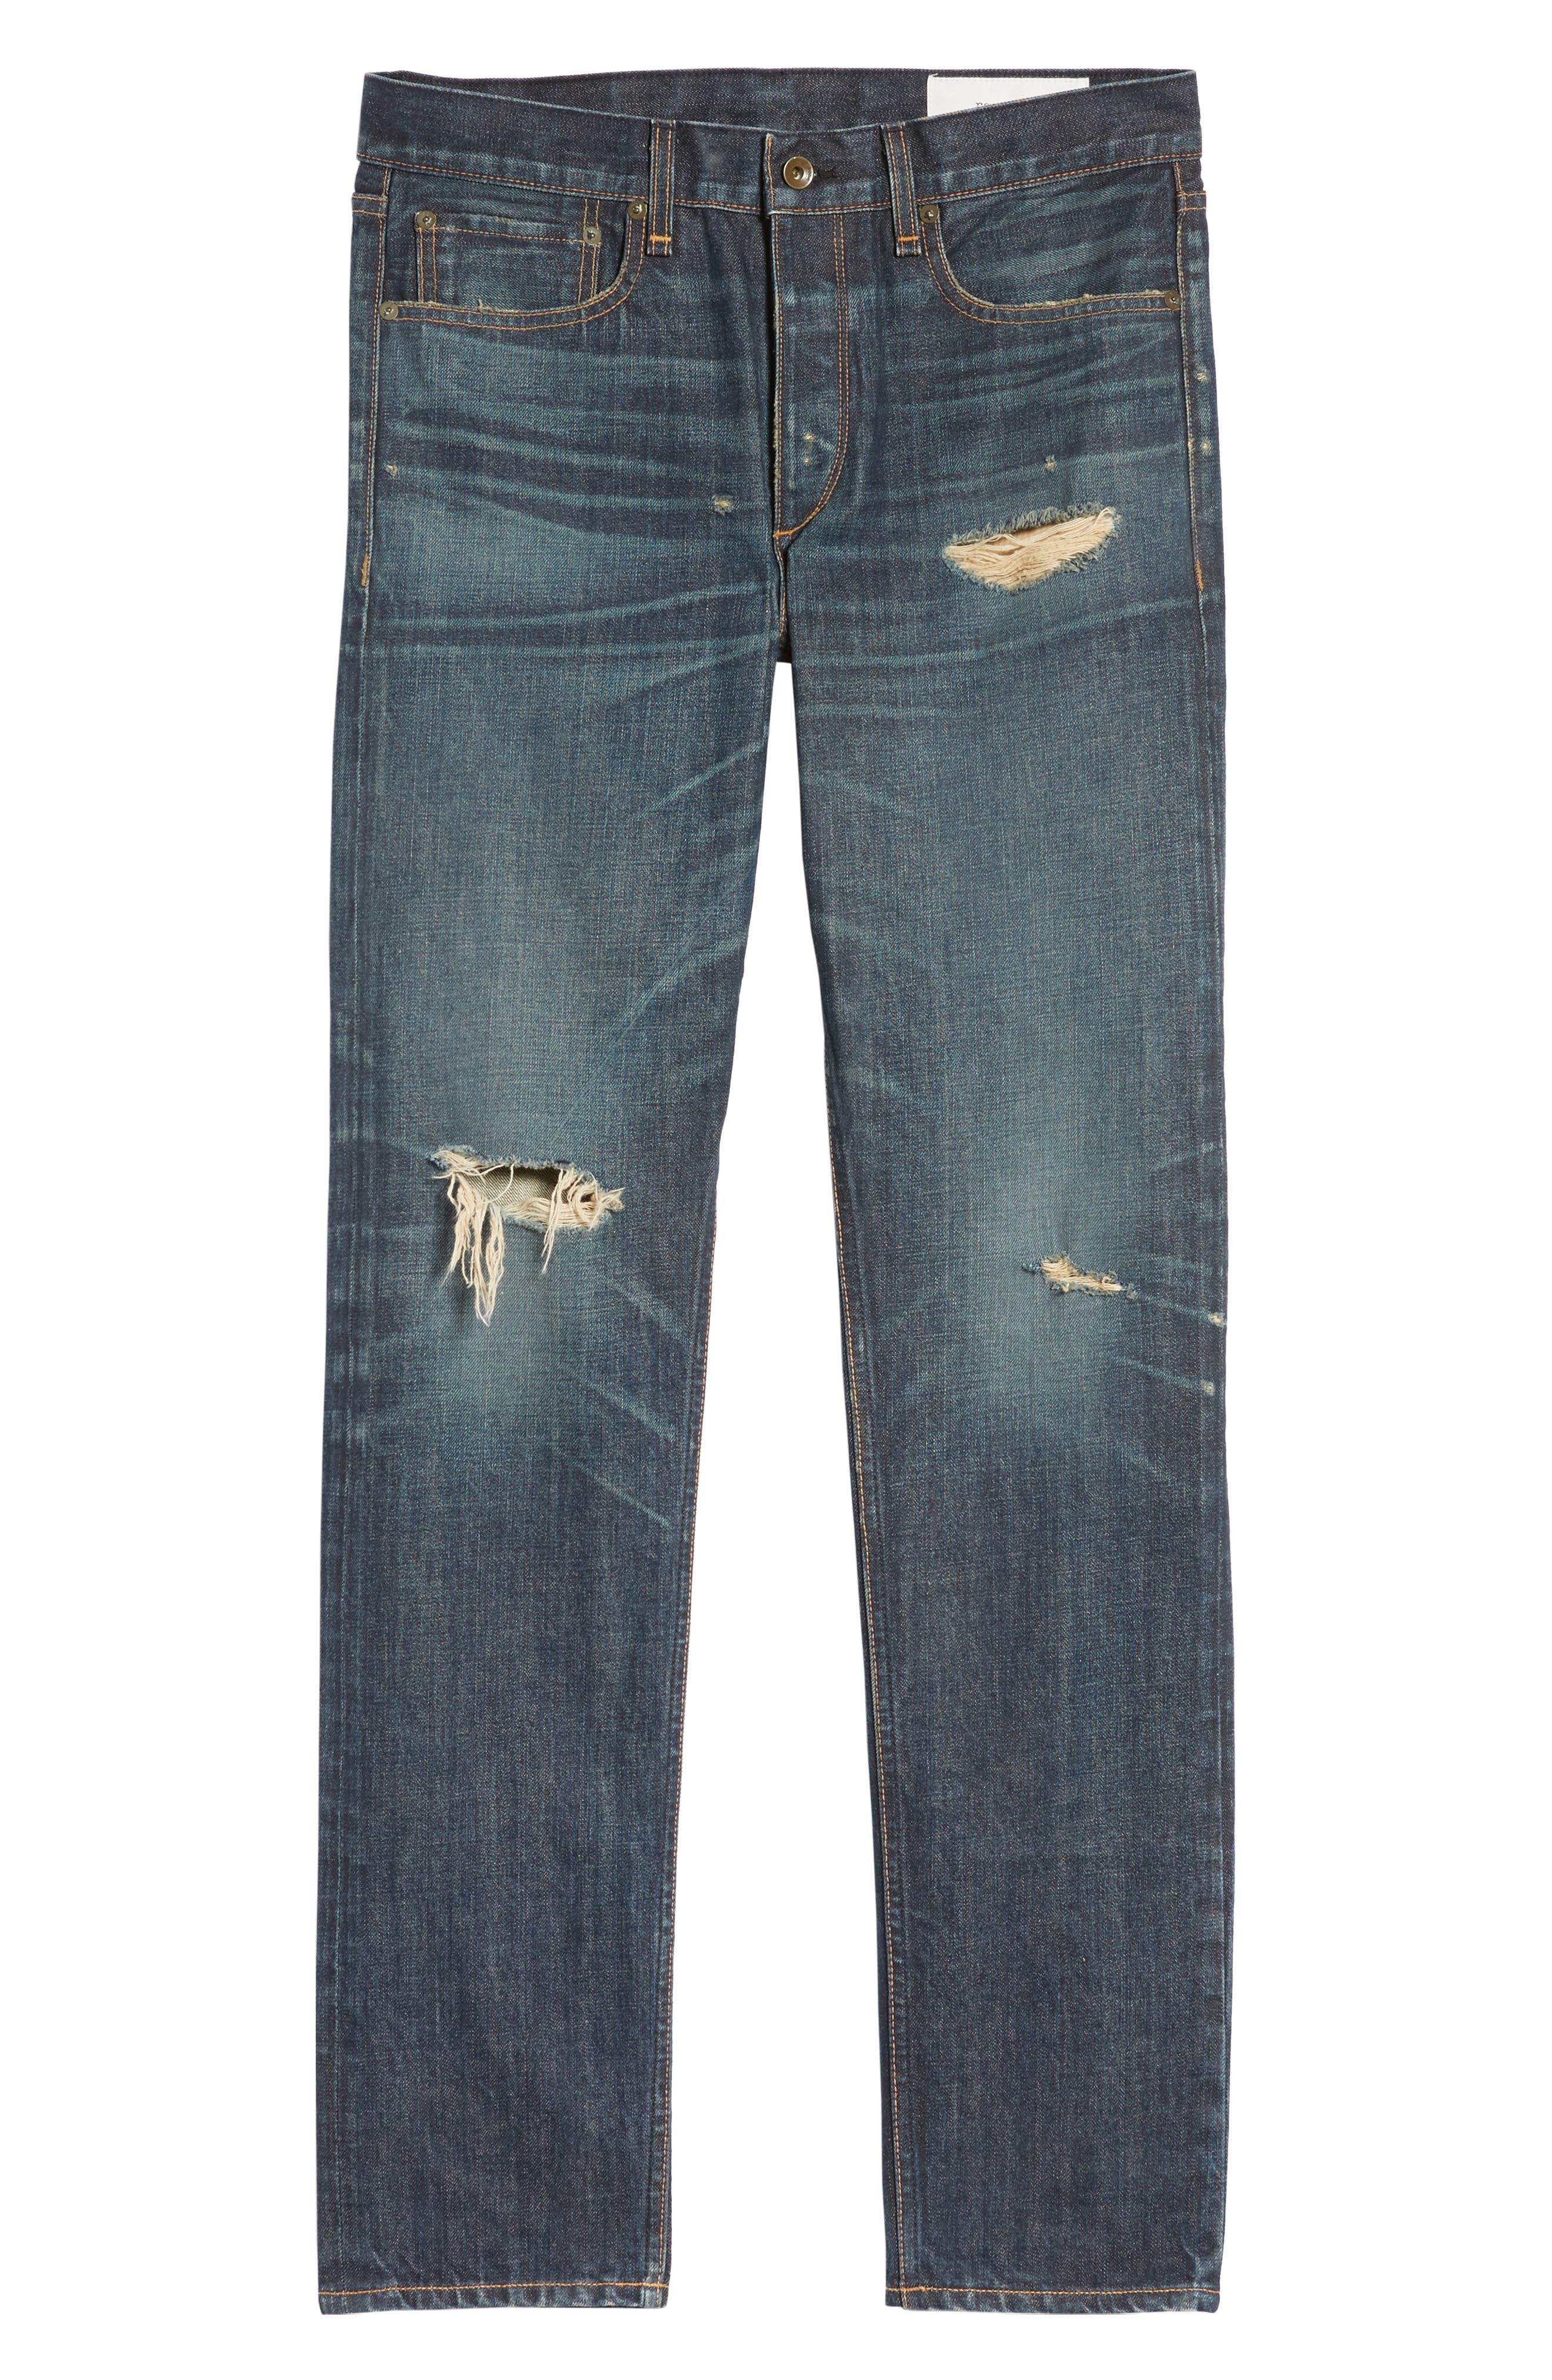 Fit 2 Slim Fit Jeans,                             Alternate thumbnail 6, color,                             423